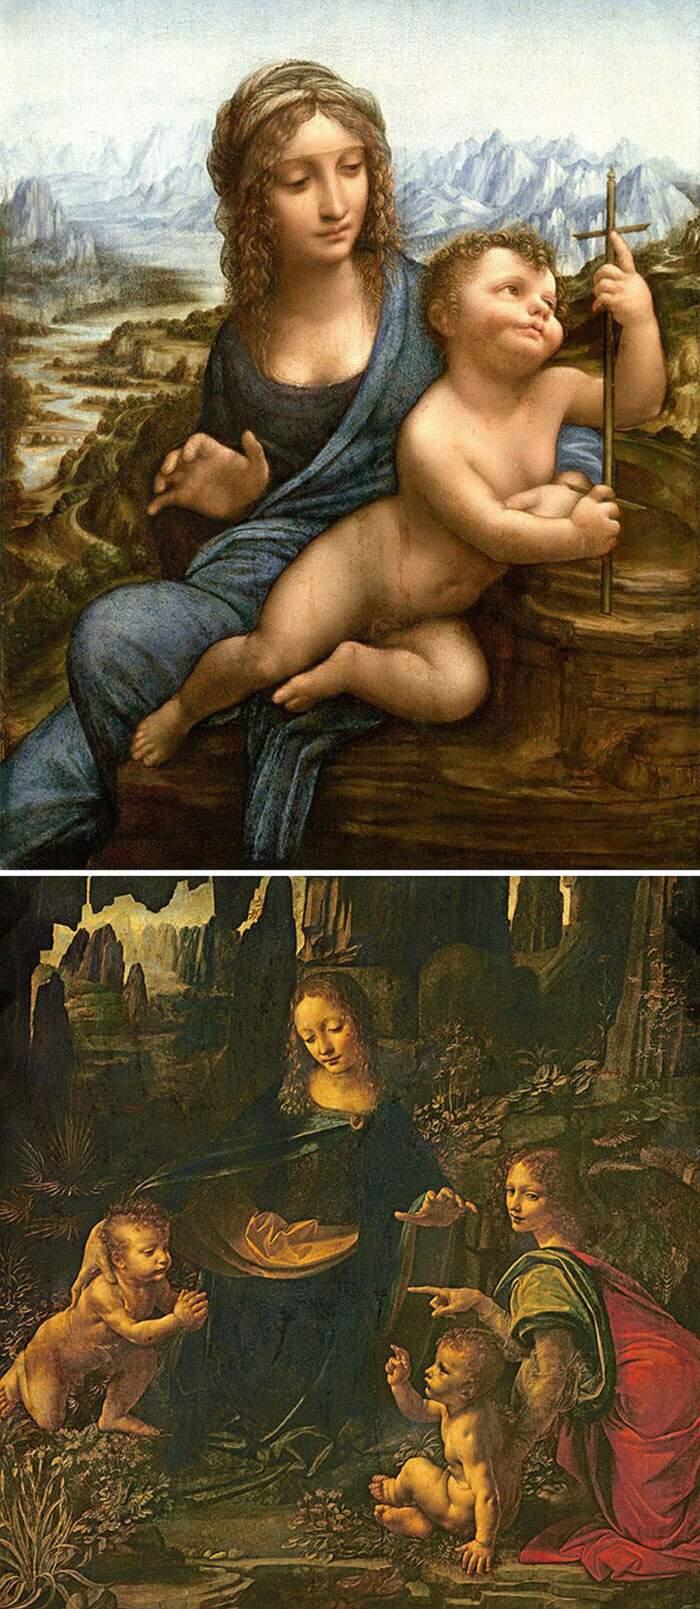 Come riconoscere artisti famosi dai loro quadri, Leonardo da Vinci